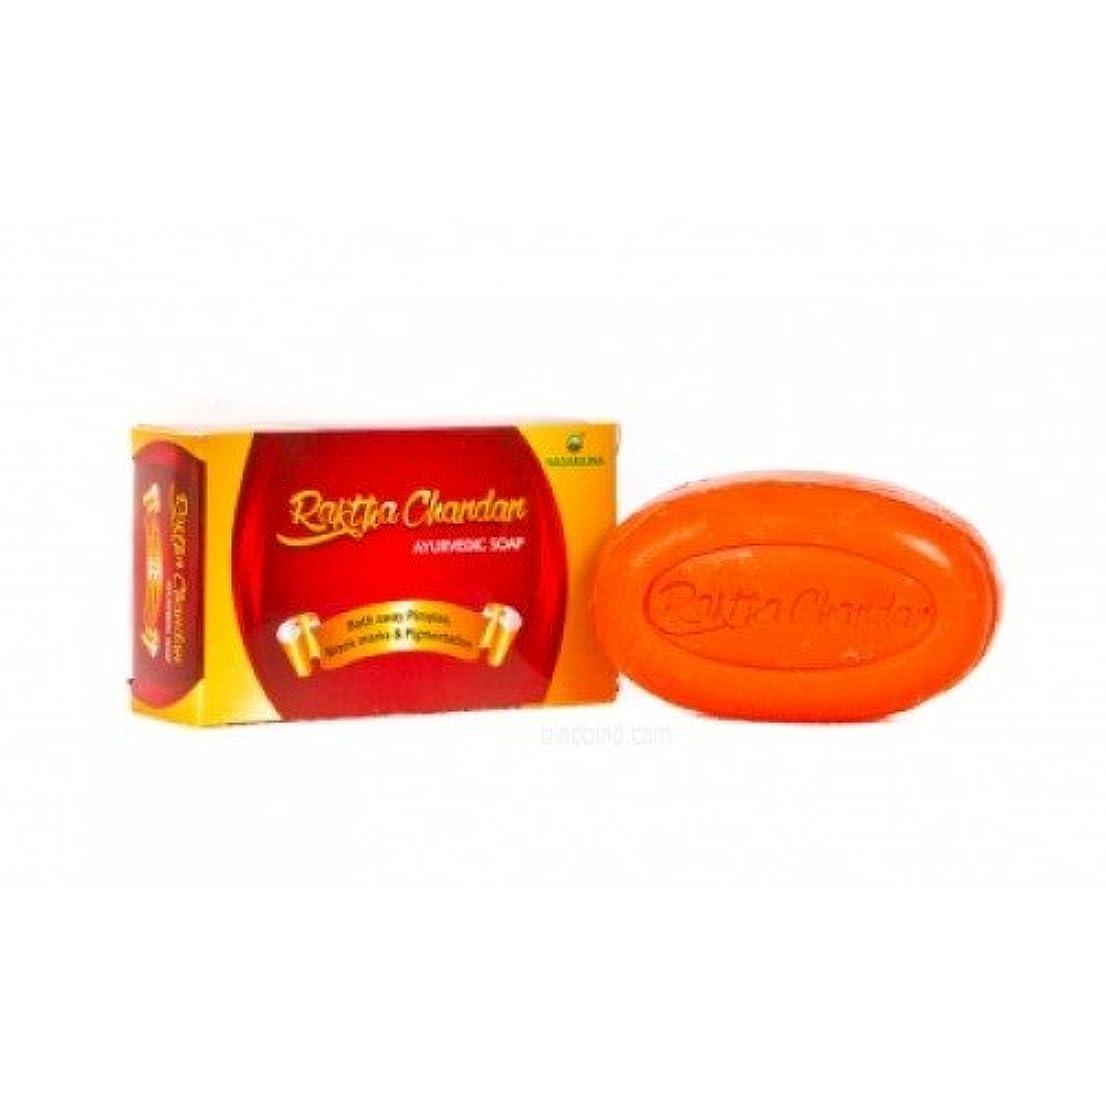 環境に優しい過敏なスケルトンNagarjuna Raktha Chandan Ayurvedic Soap Best For Glowing Skin